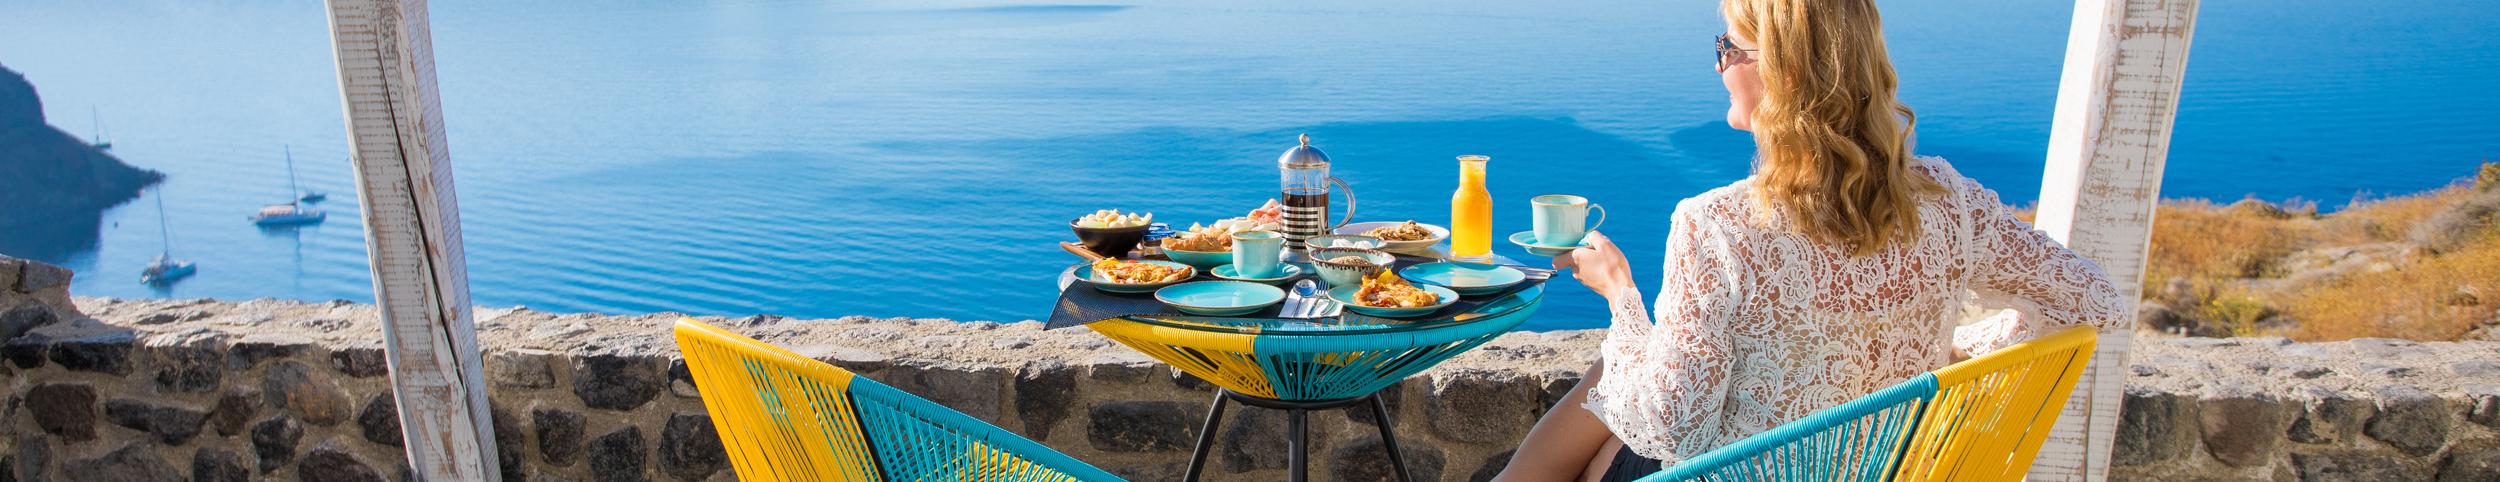 Žena sjedi za stolom na terasi i gleda u more u daljini, u ruci drži šalicu, a na stolu ispred nje pribor za jelo i namirnice za doručak